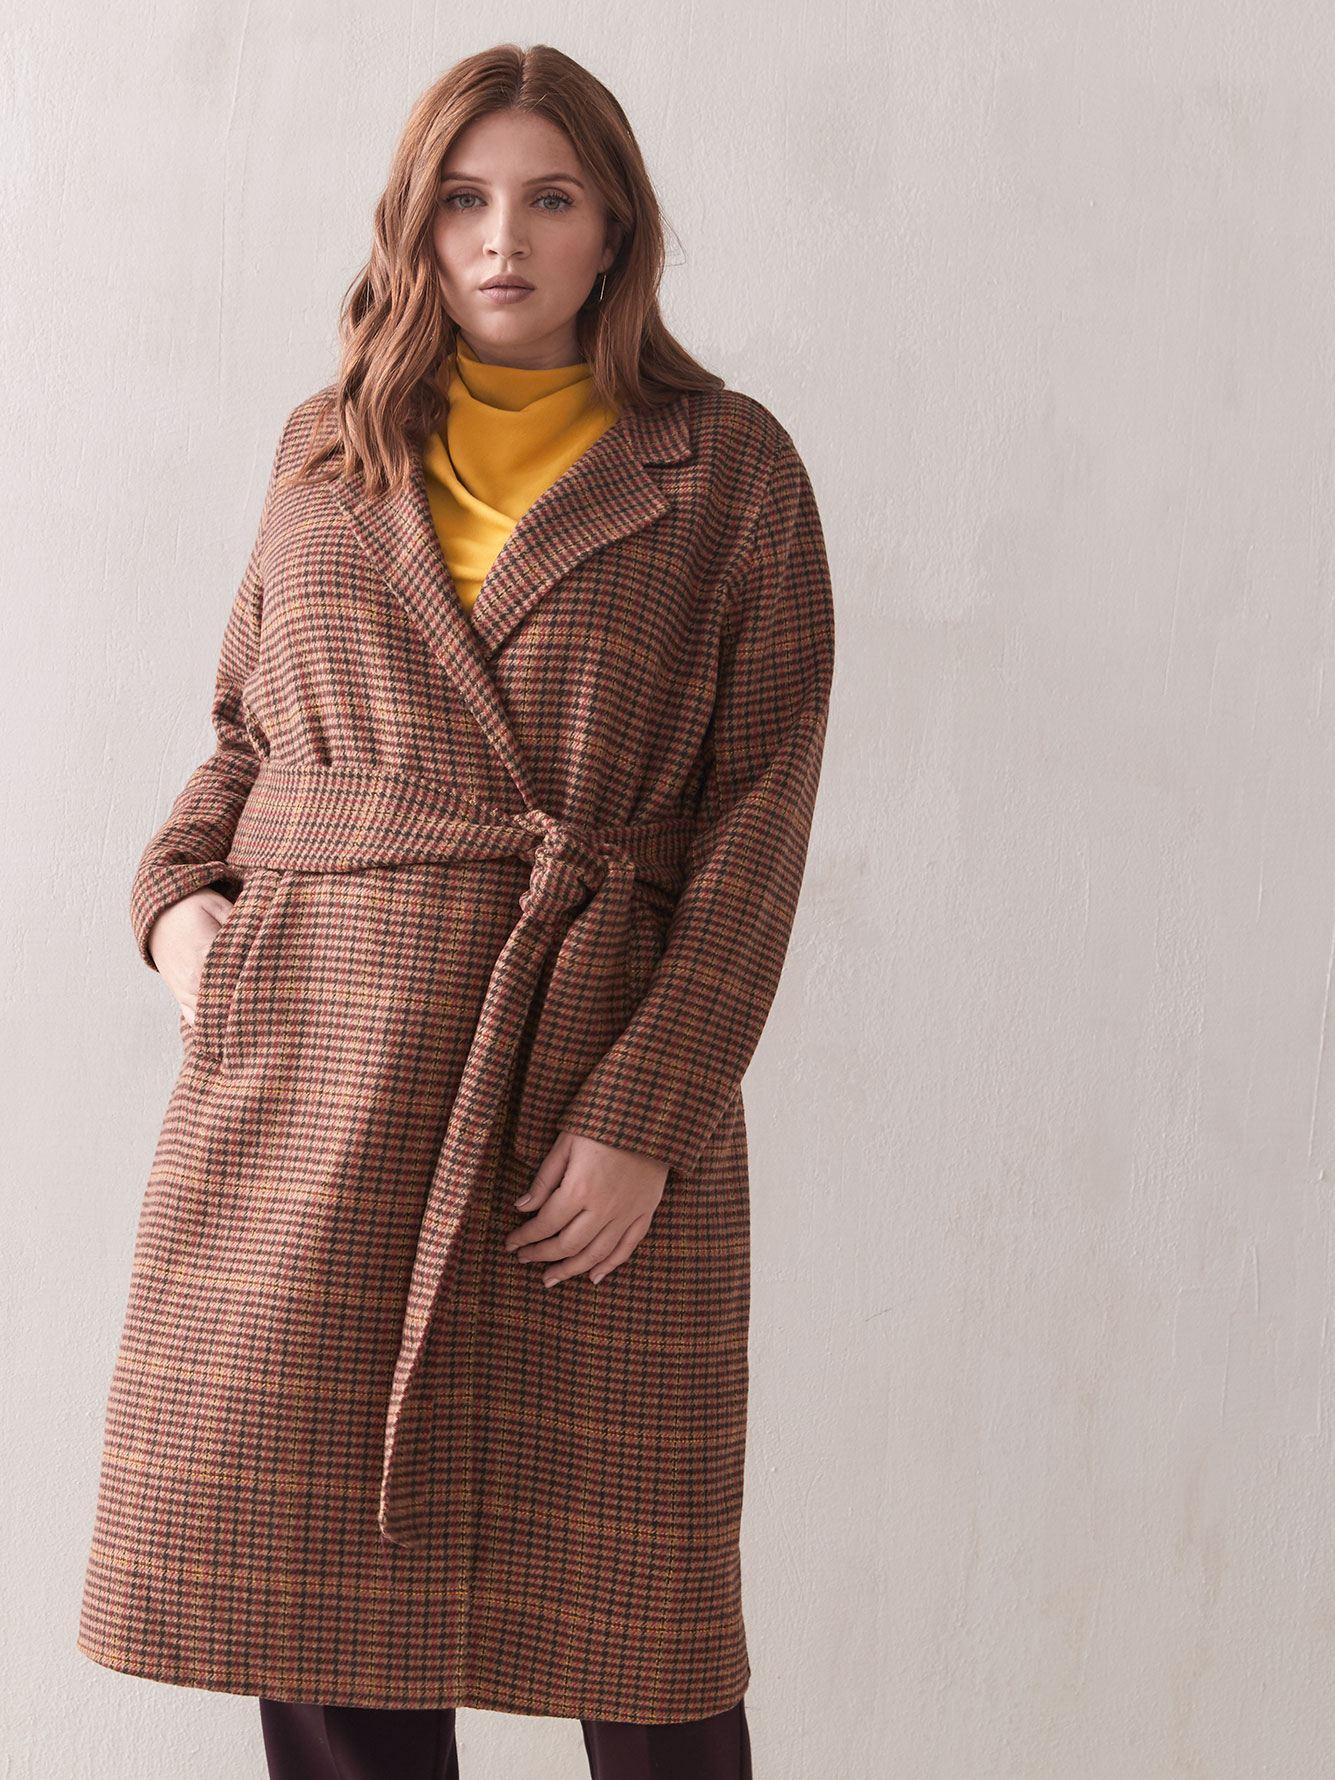 Joie Multi-Houndstooth Overcoat - Sosken